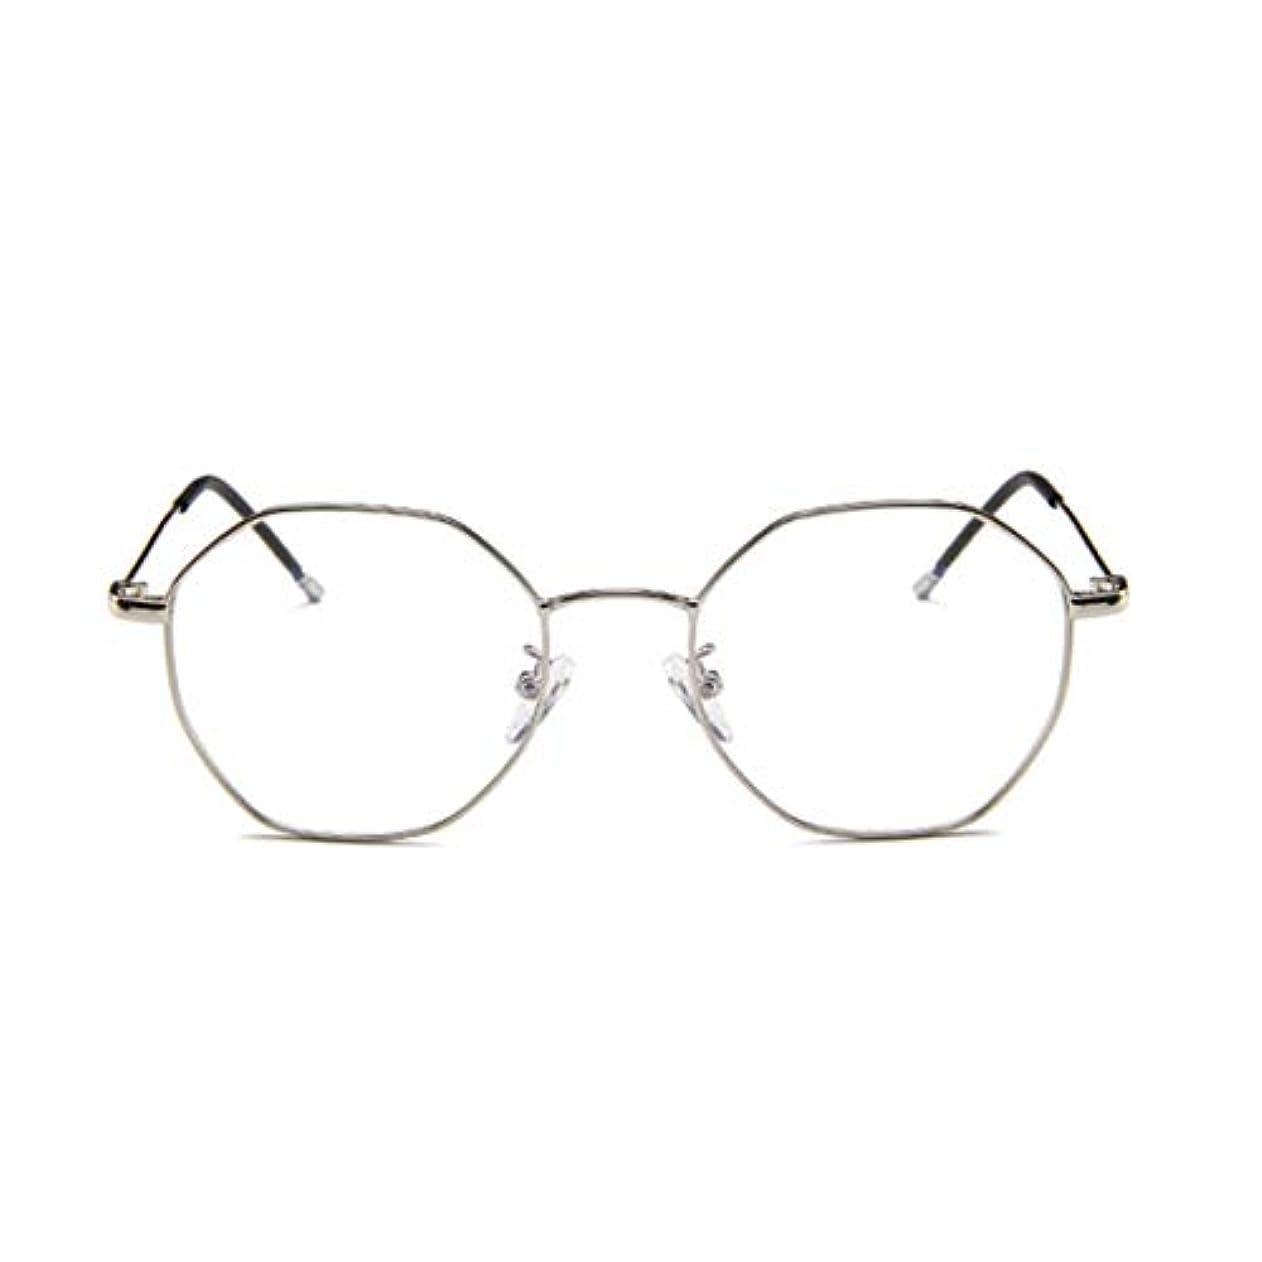 甘美なルーム見捨てられたファッションメガネ近視多角形フレーム韓国語版金属フレーム男性と女性のための不規則なフラットグラス-スライバー